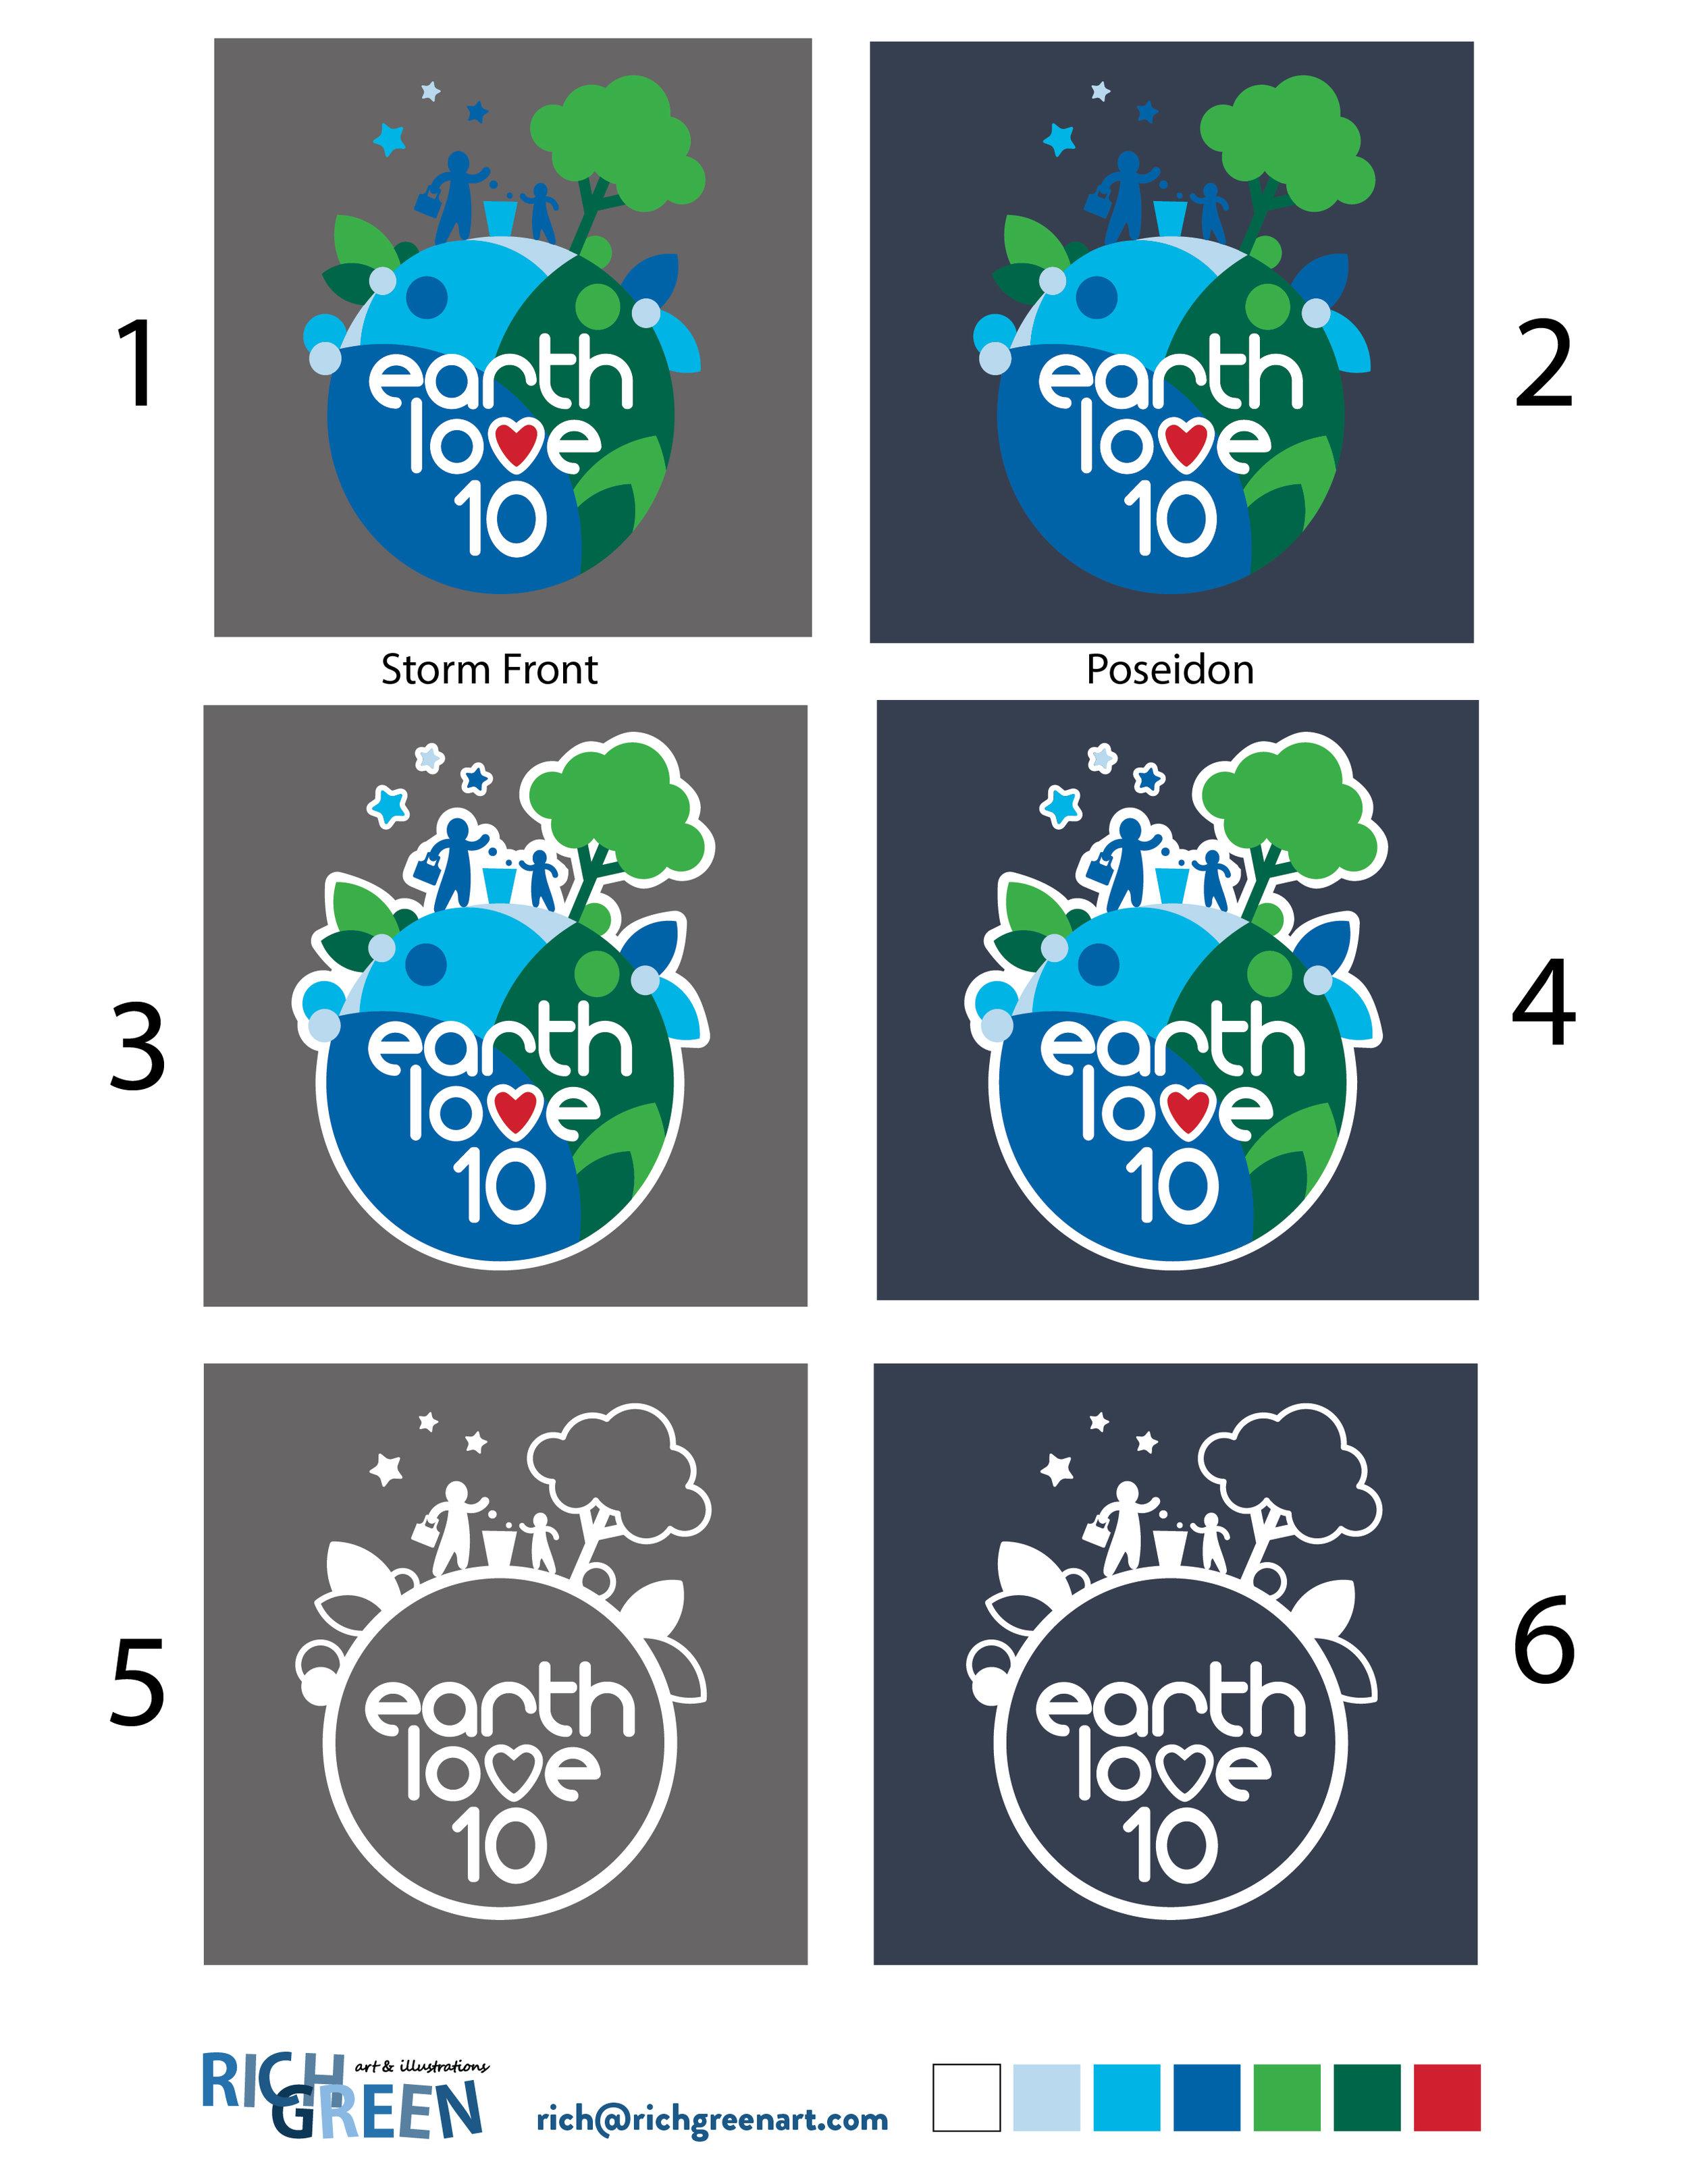 Earth Love 10 Concepts v02 02_Color Mockups.jpg